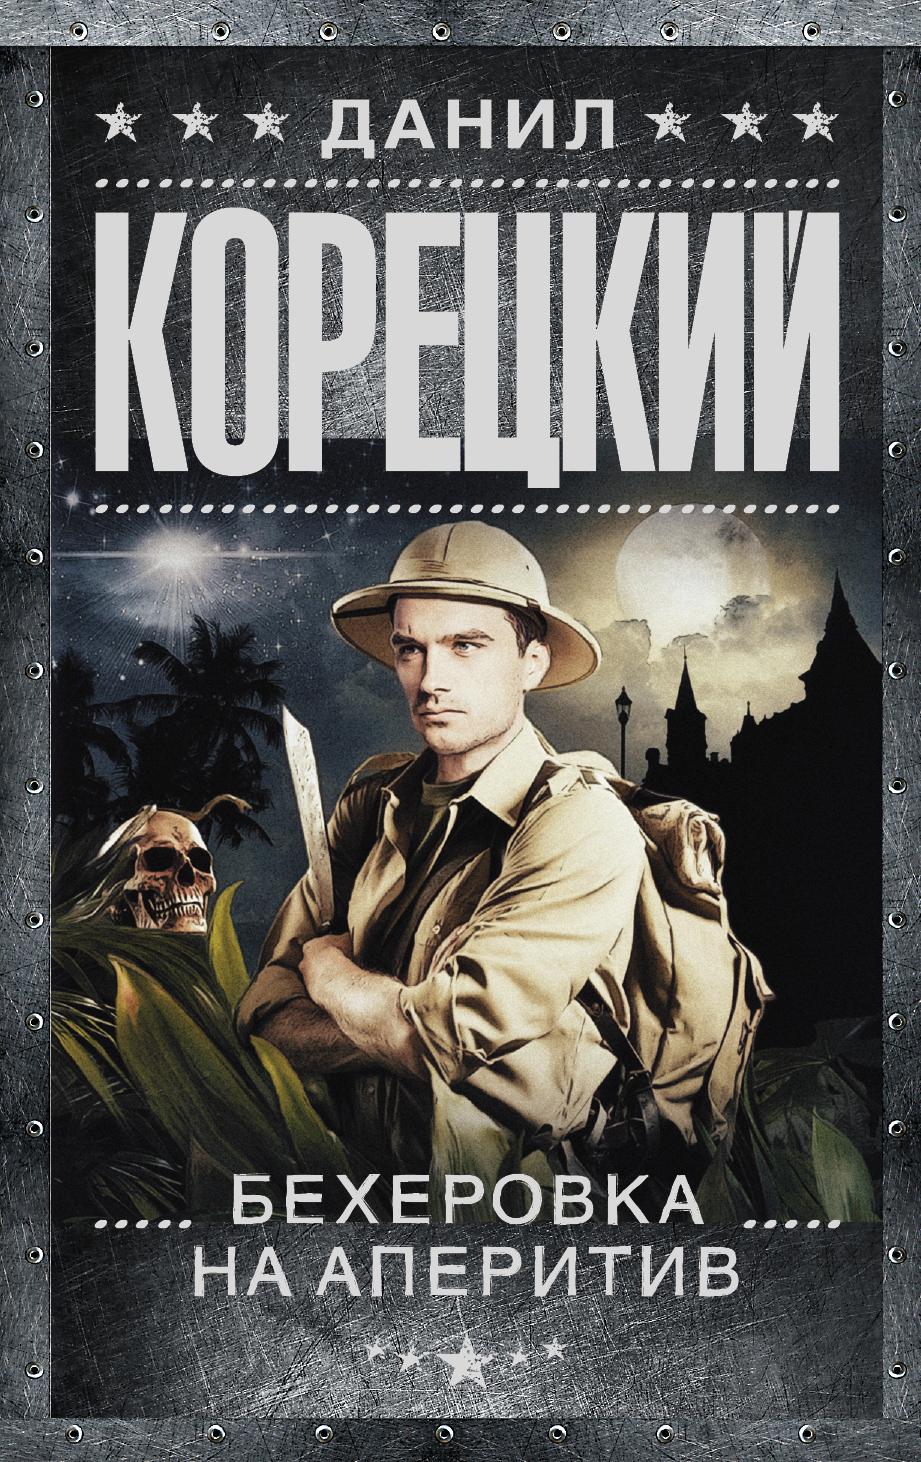 Купить Бехеровка на аперитив. Похититель секретов-2, Данил Корецкий, 978-5-17-094022-6